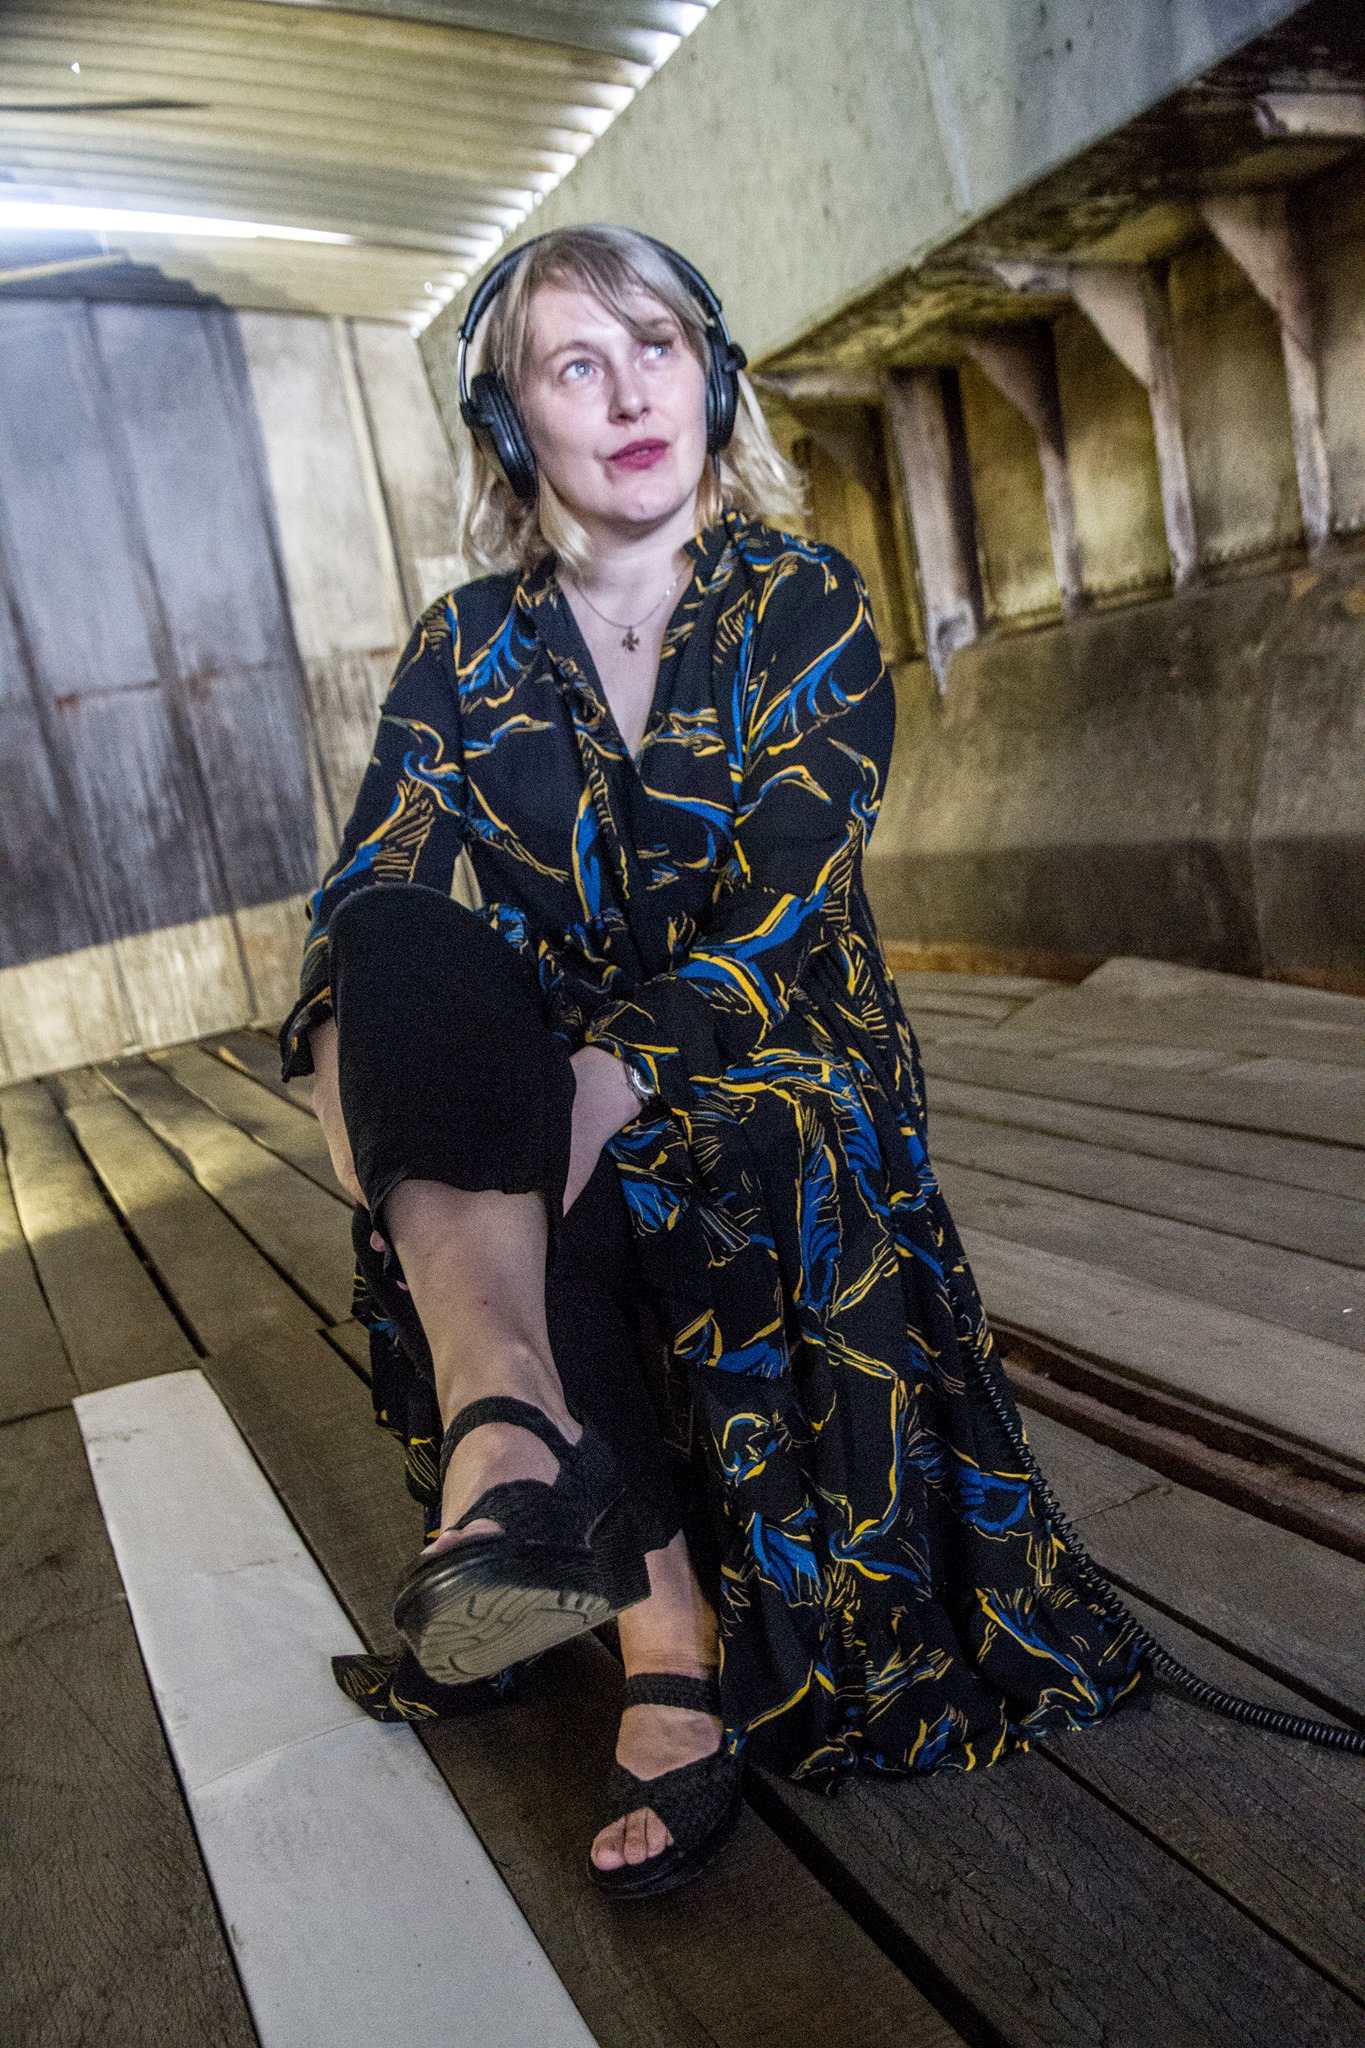 Gunnhildur Hauksdottir